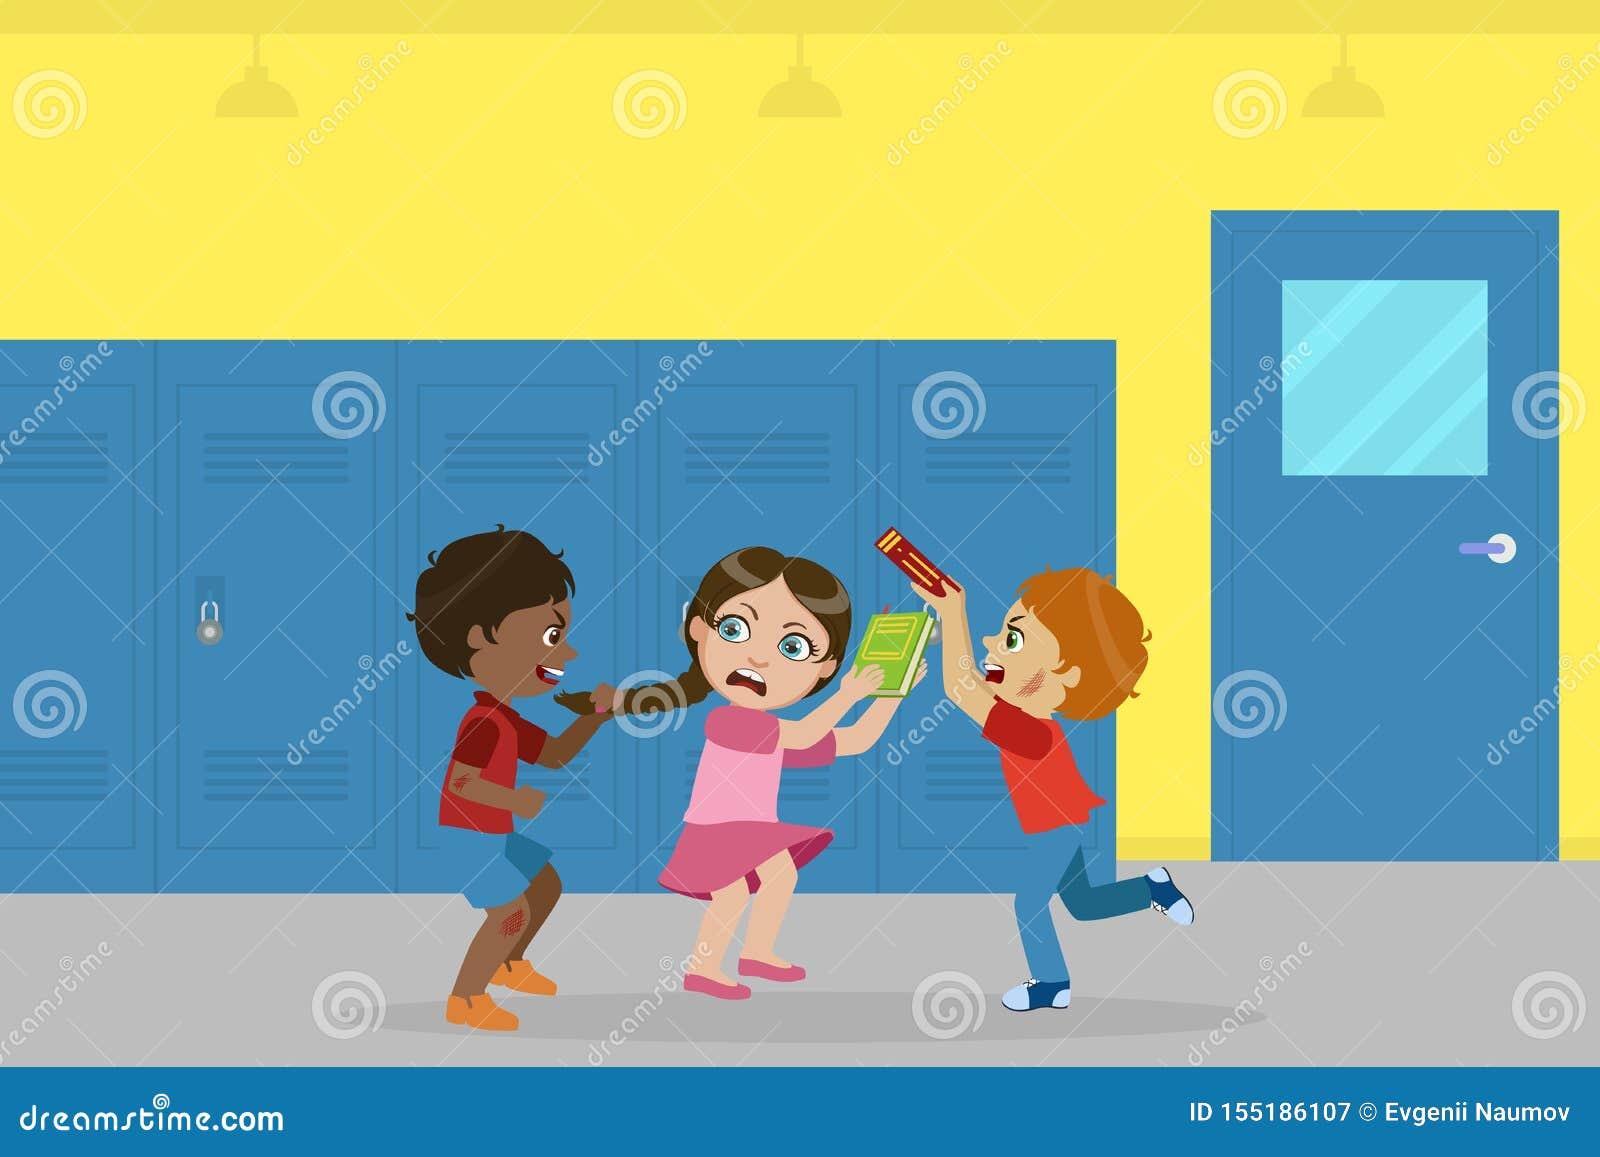 Ragazzo e ragazza che combattono per la palla, cattivo comportamento, conflitto fra i bambini, derisione, opprimente all illustra